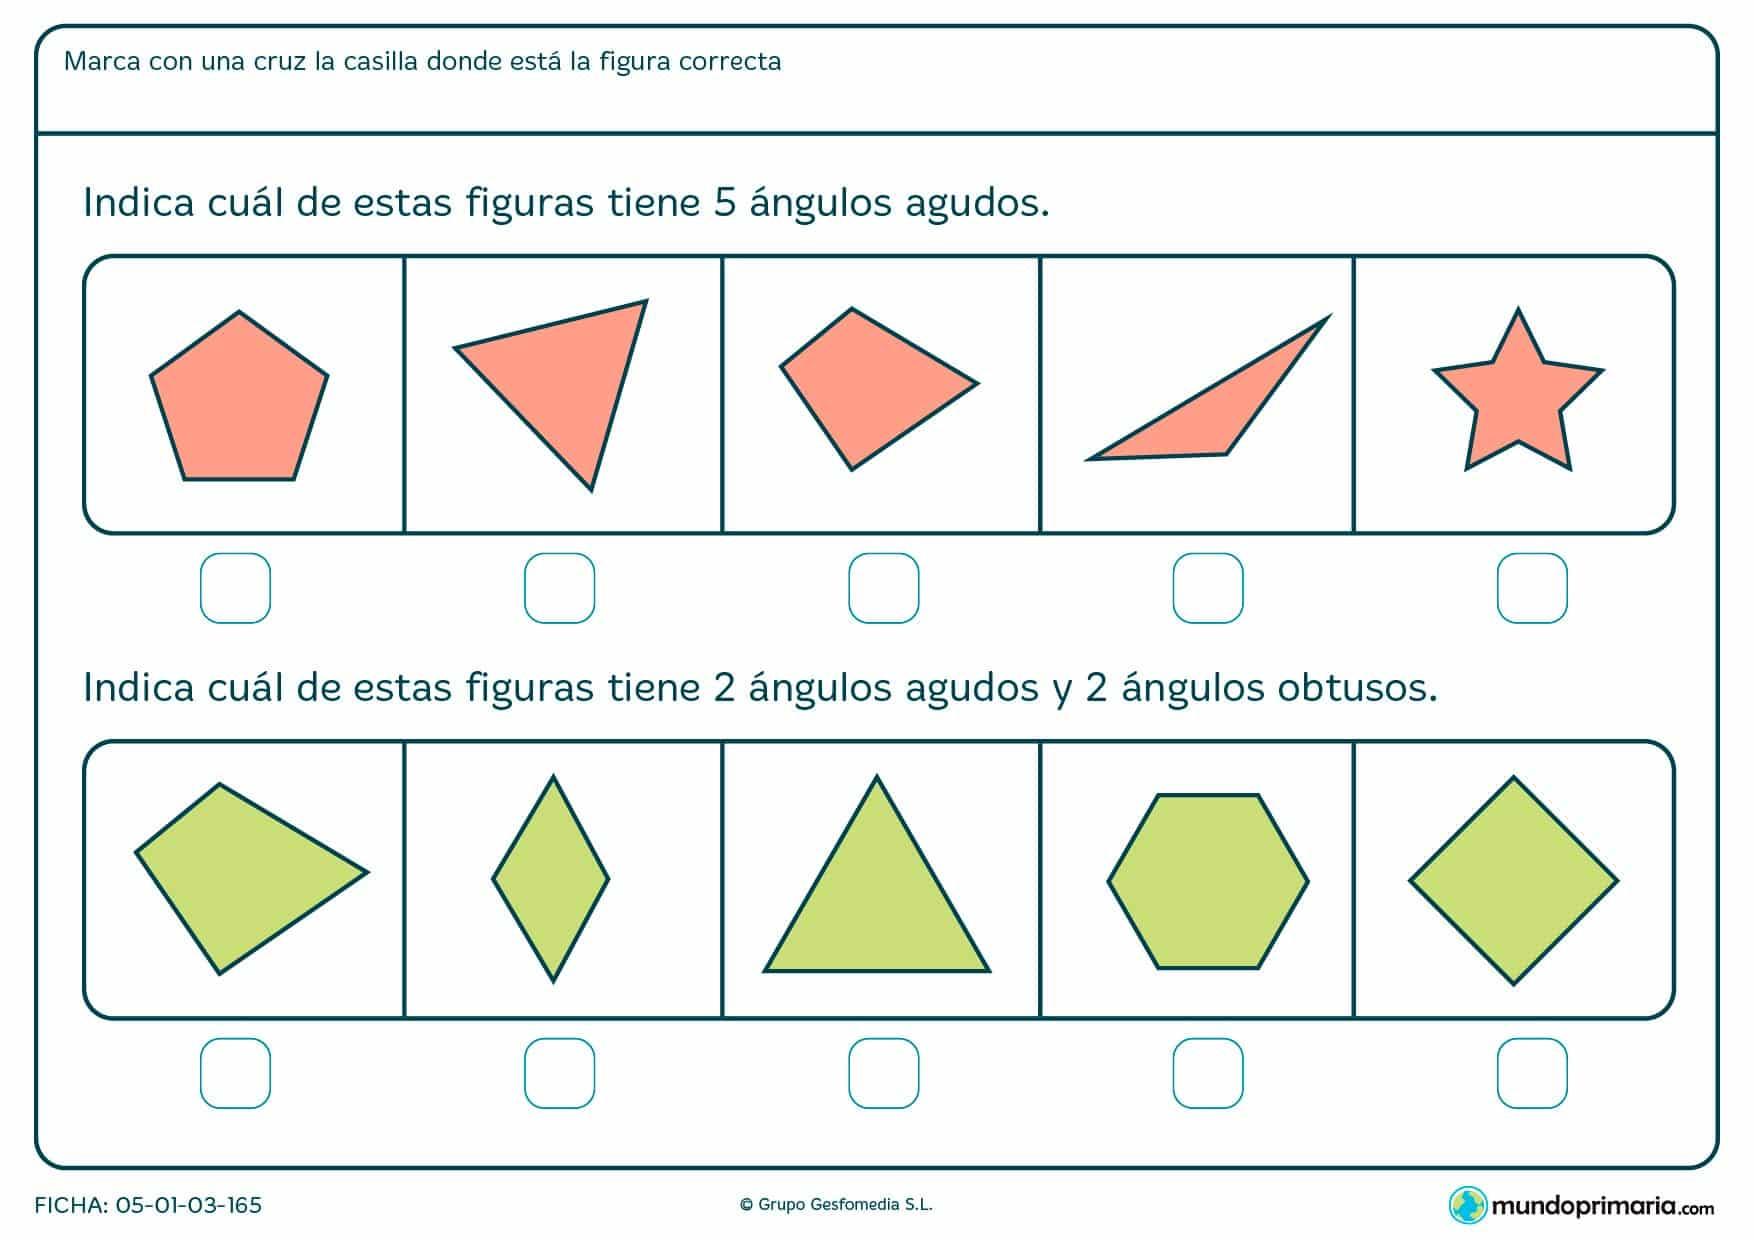 Ficha de ángulos obtusos y agudos en la que tendrás que contarlos y señalar la figura correcta que cumpla esas condiciones.